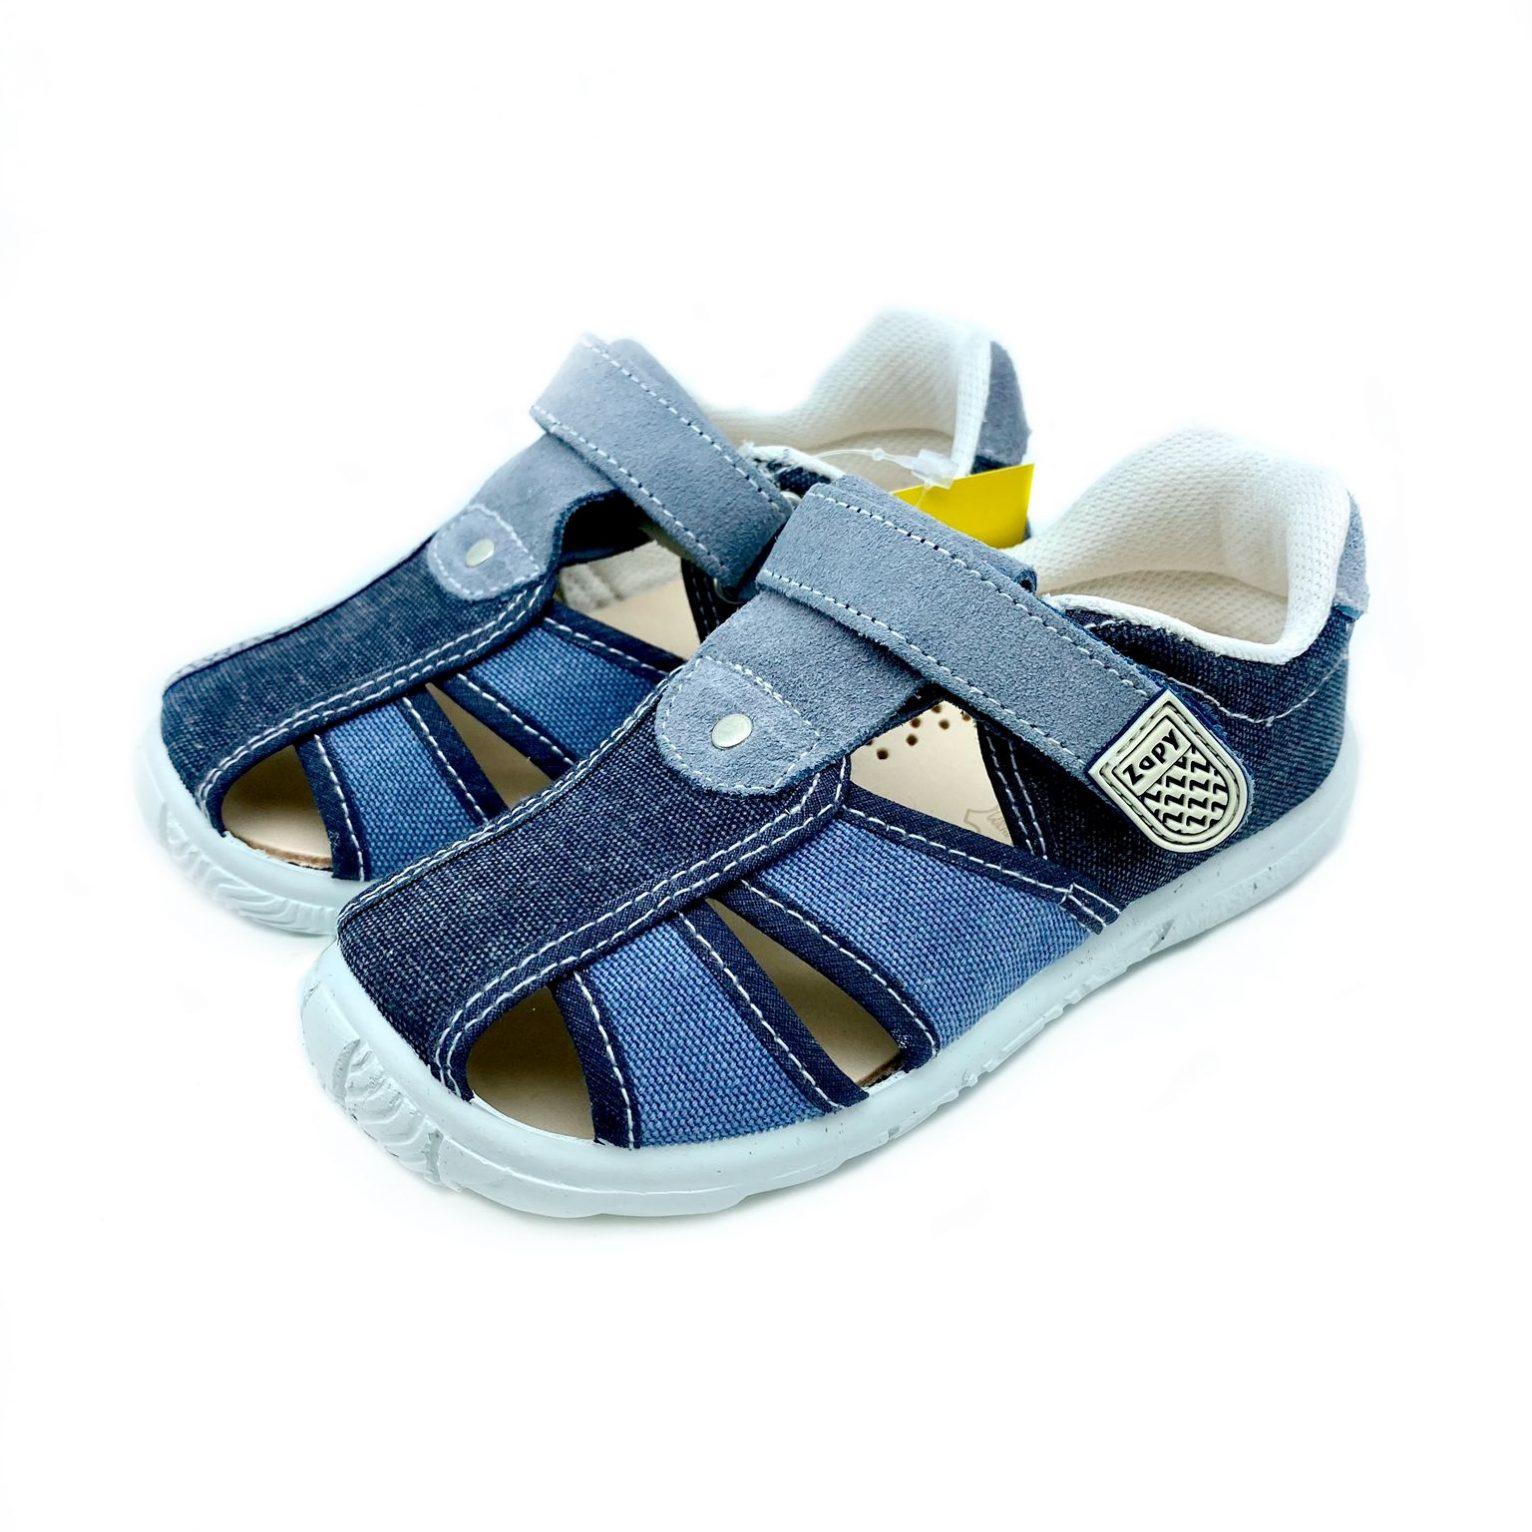 calzado de verano para niños